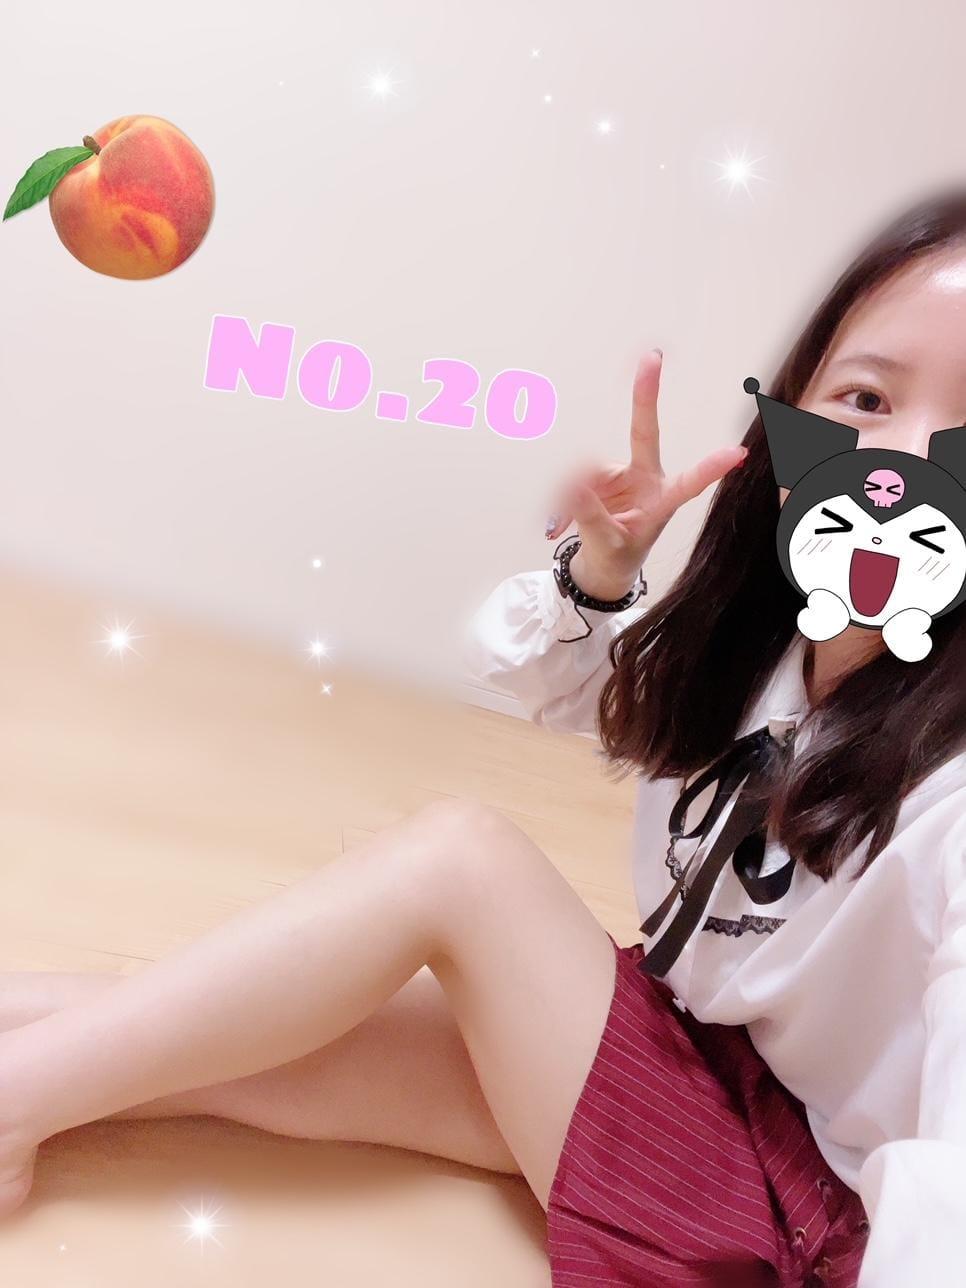 「No.20 お久しぶりでございますT^T」09/14(火) 17:28   No.20 桃瀬の写メ日記